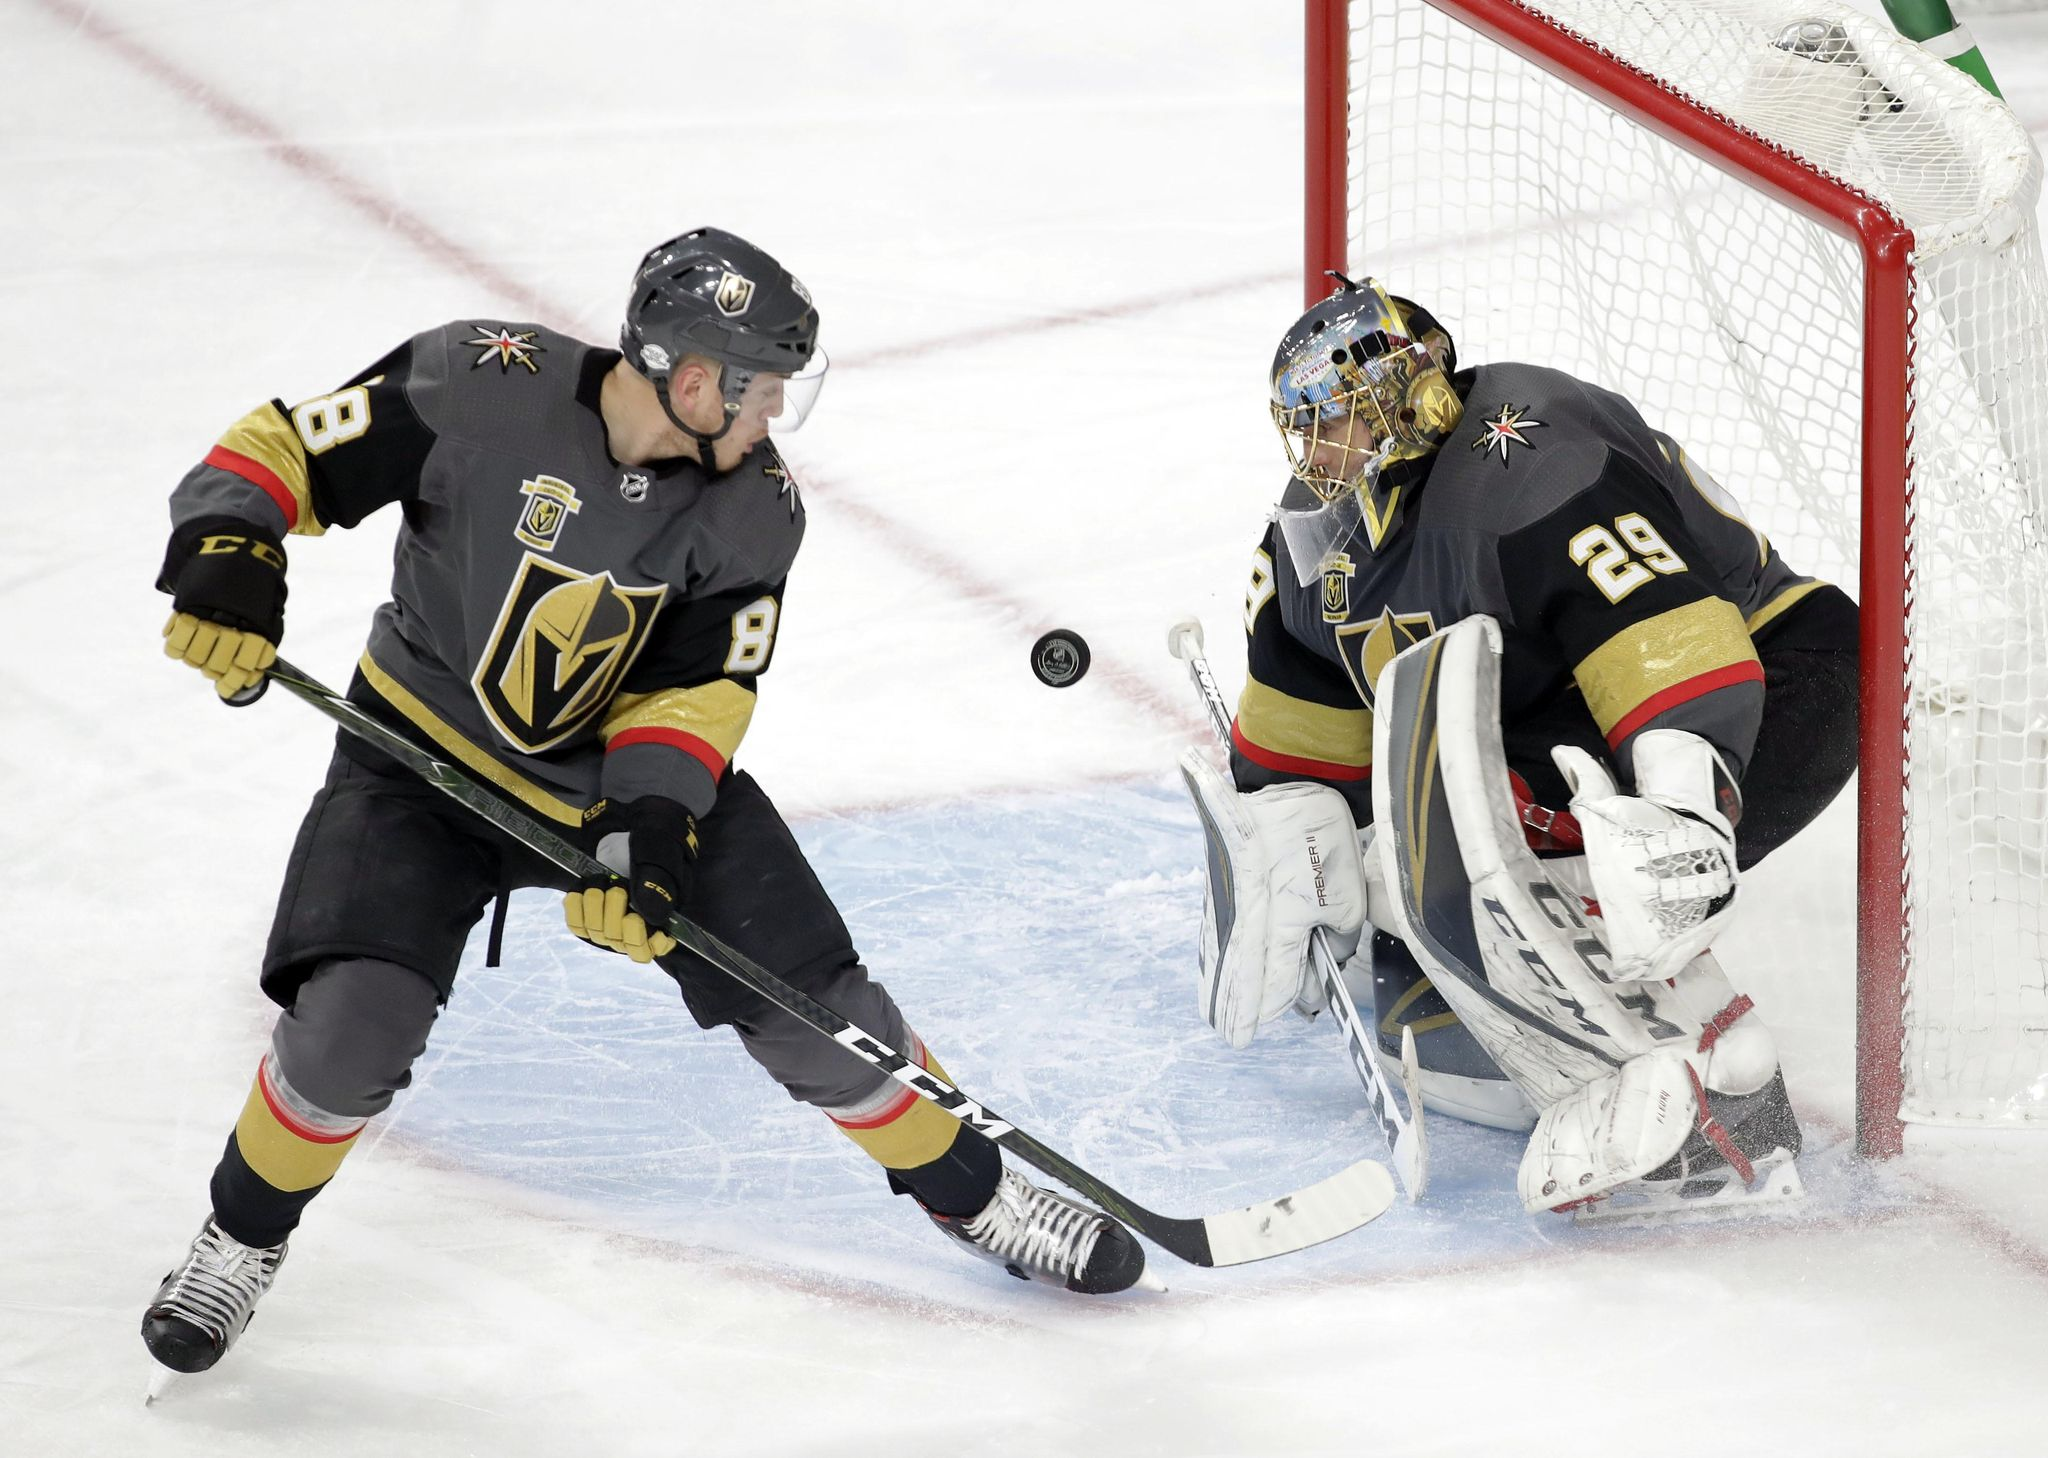 Golden_knights_schmidt_hockey_08670_s2048x1458